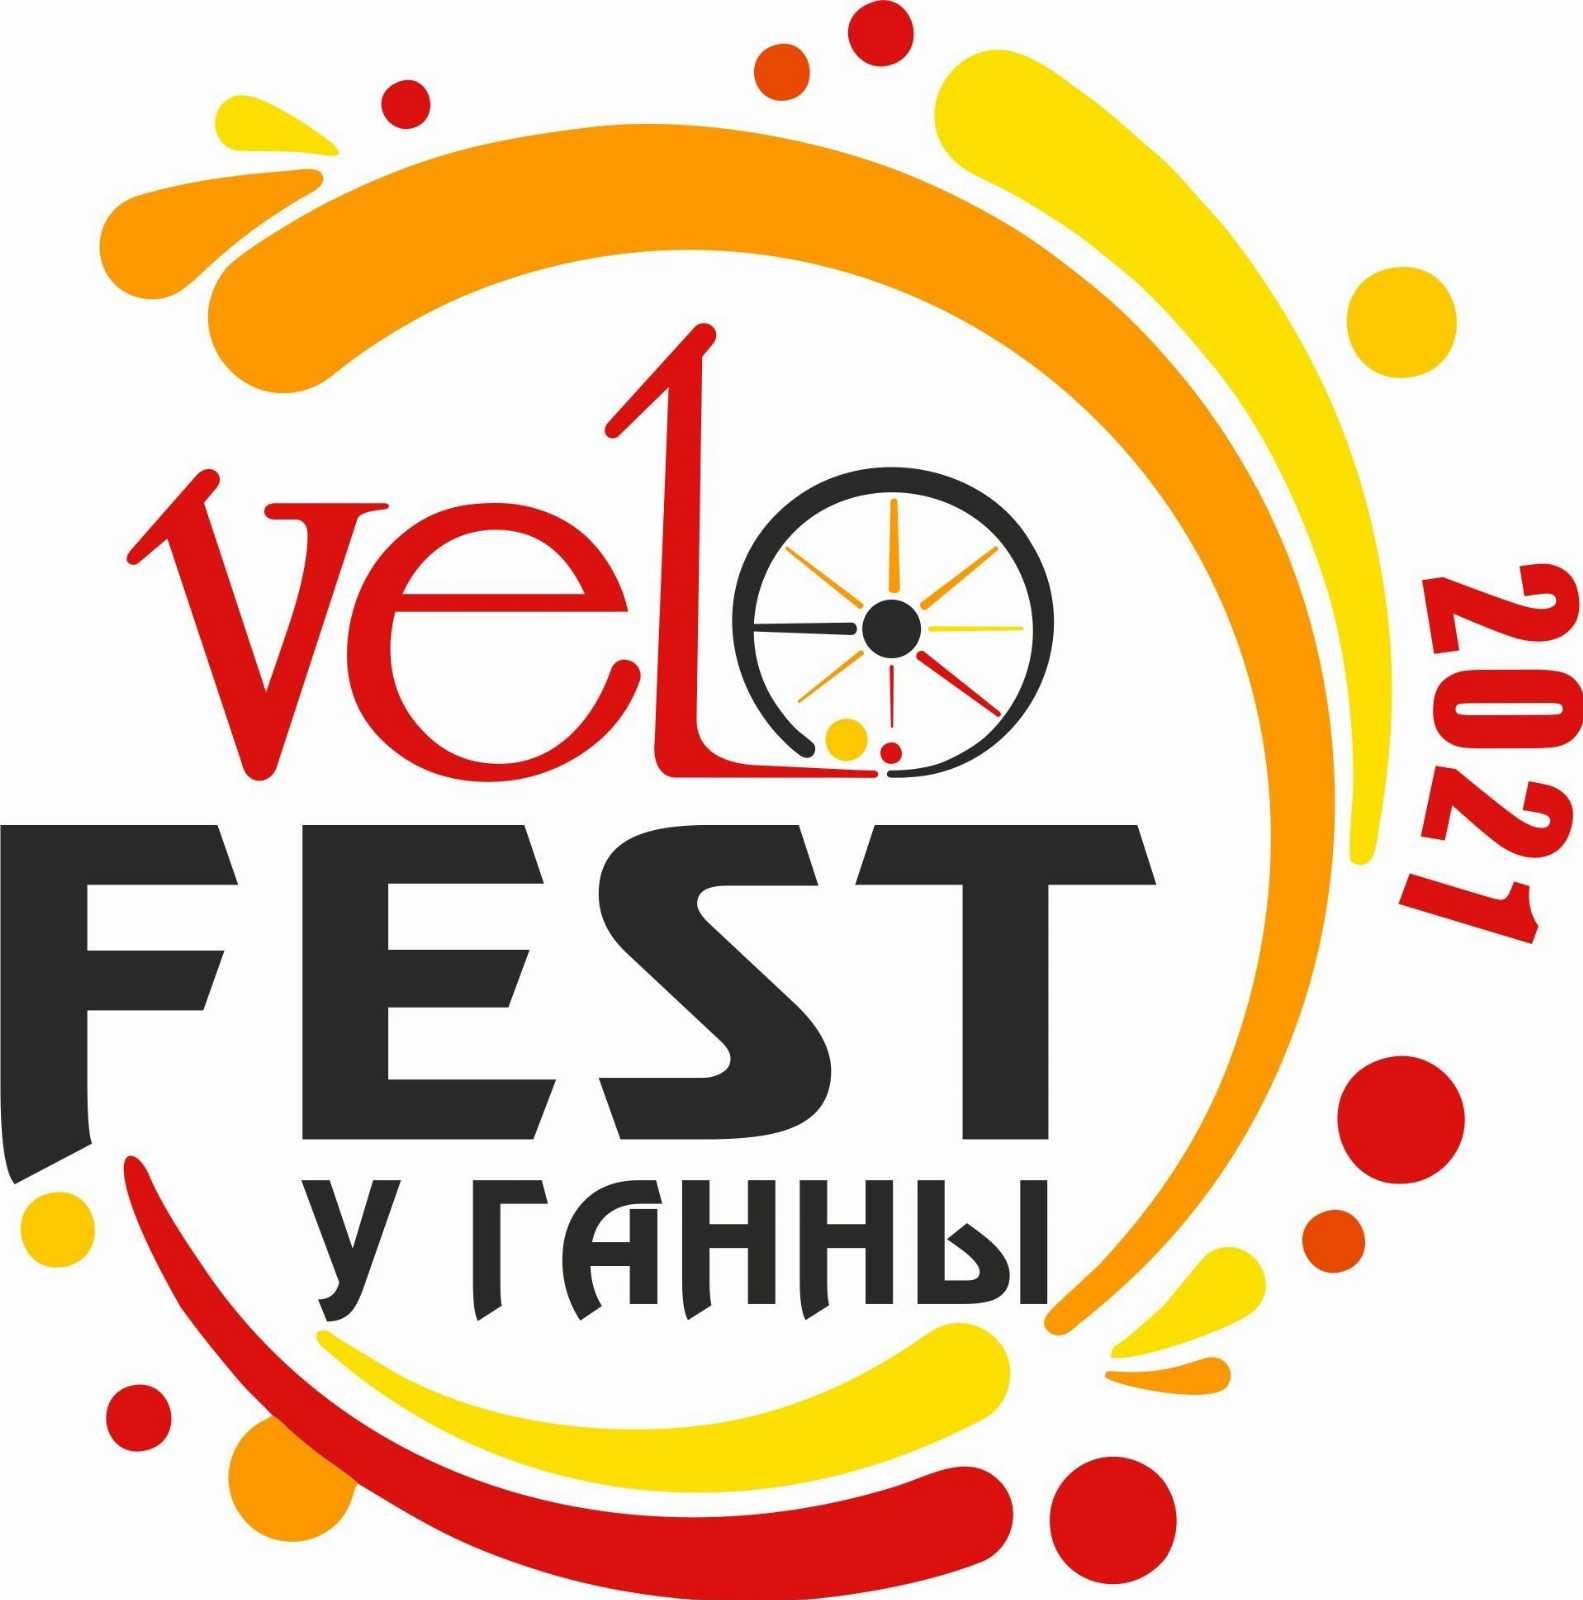 ВелоFest у Ганны - 2021